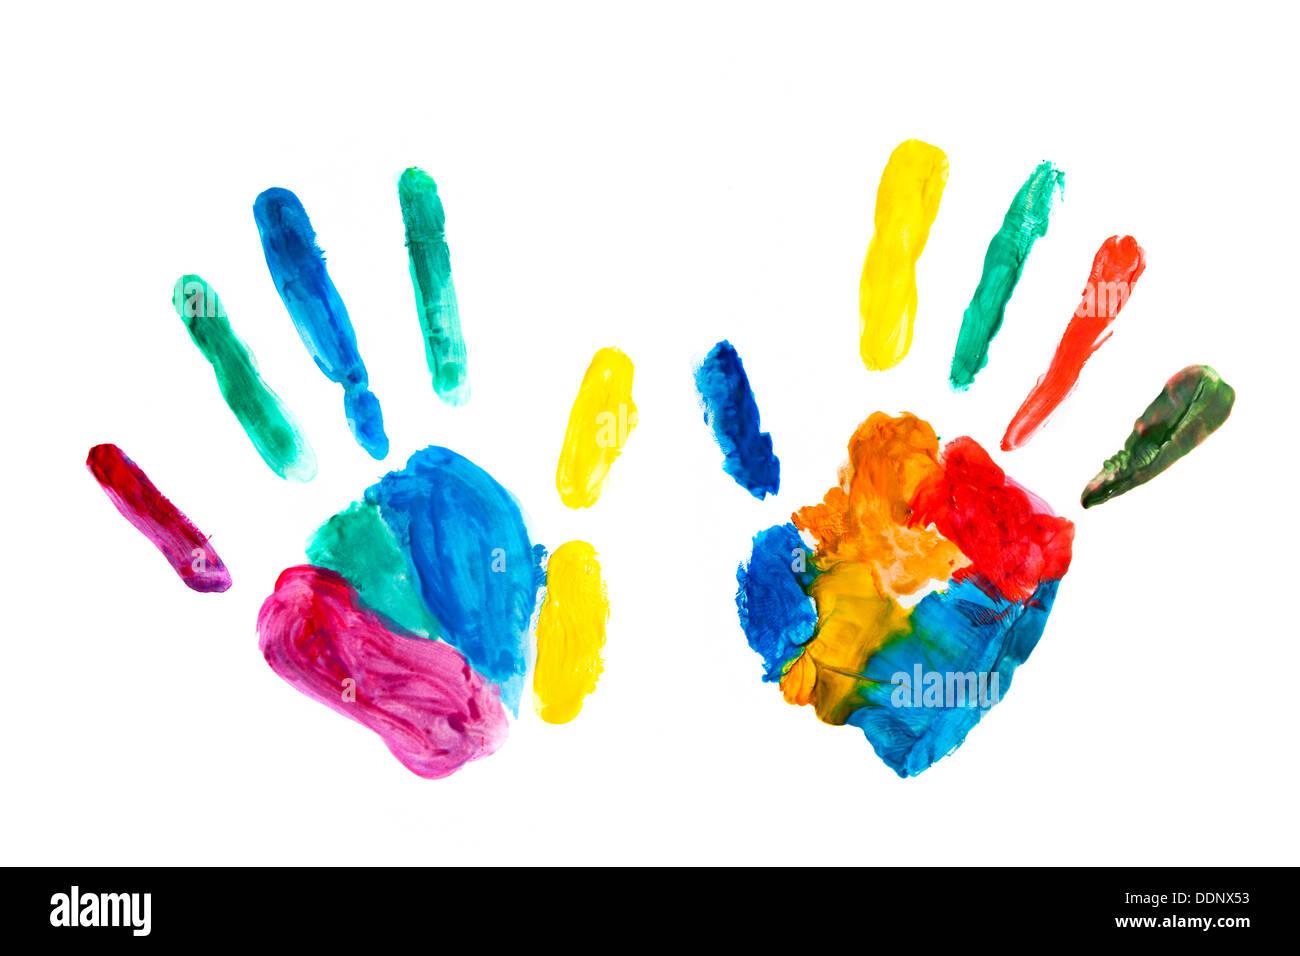 Huellas de manos pintadas de colores, estampados en papel Imagen De Stock